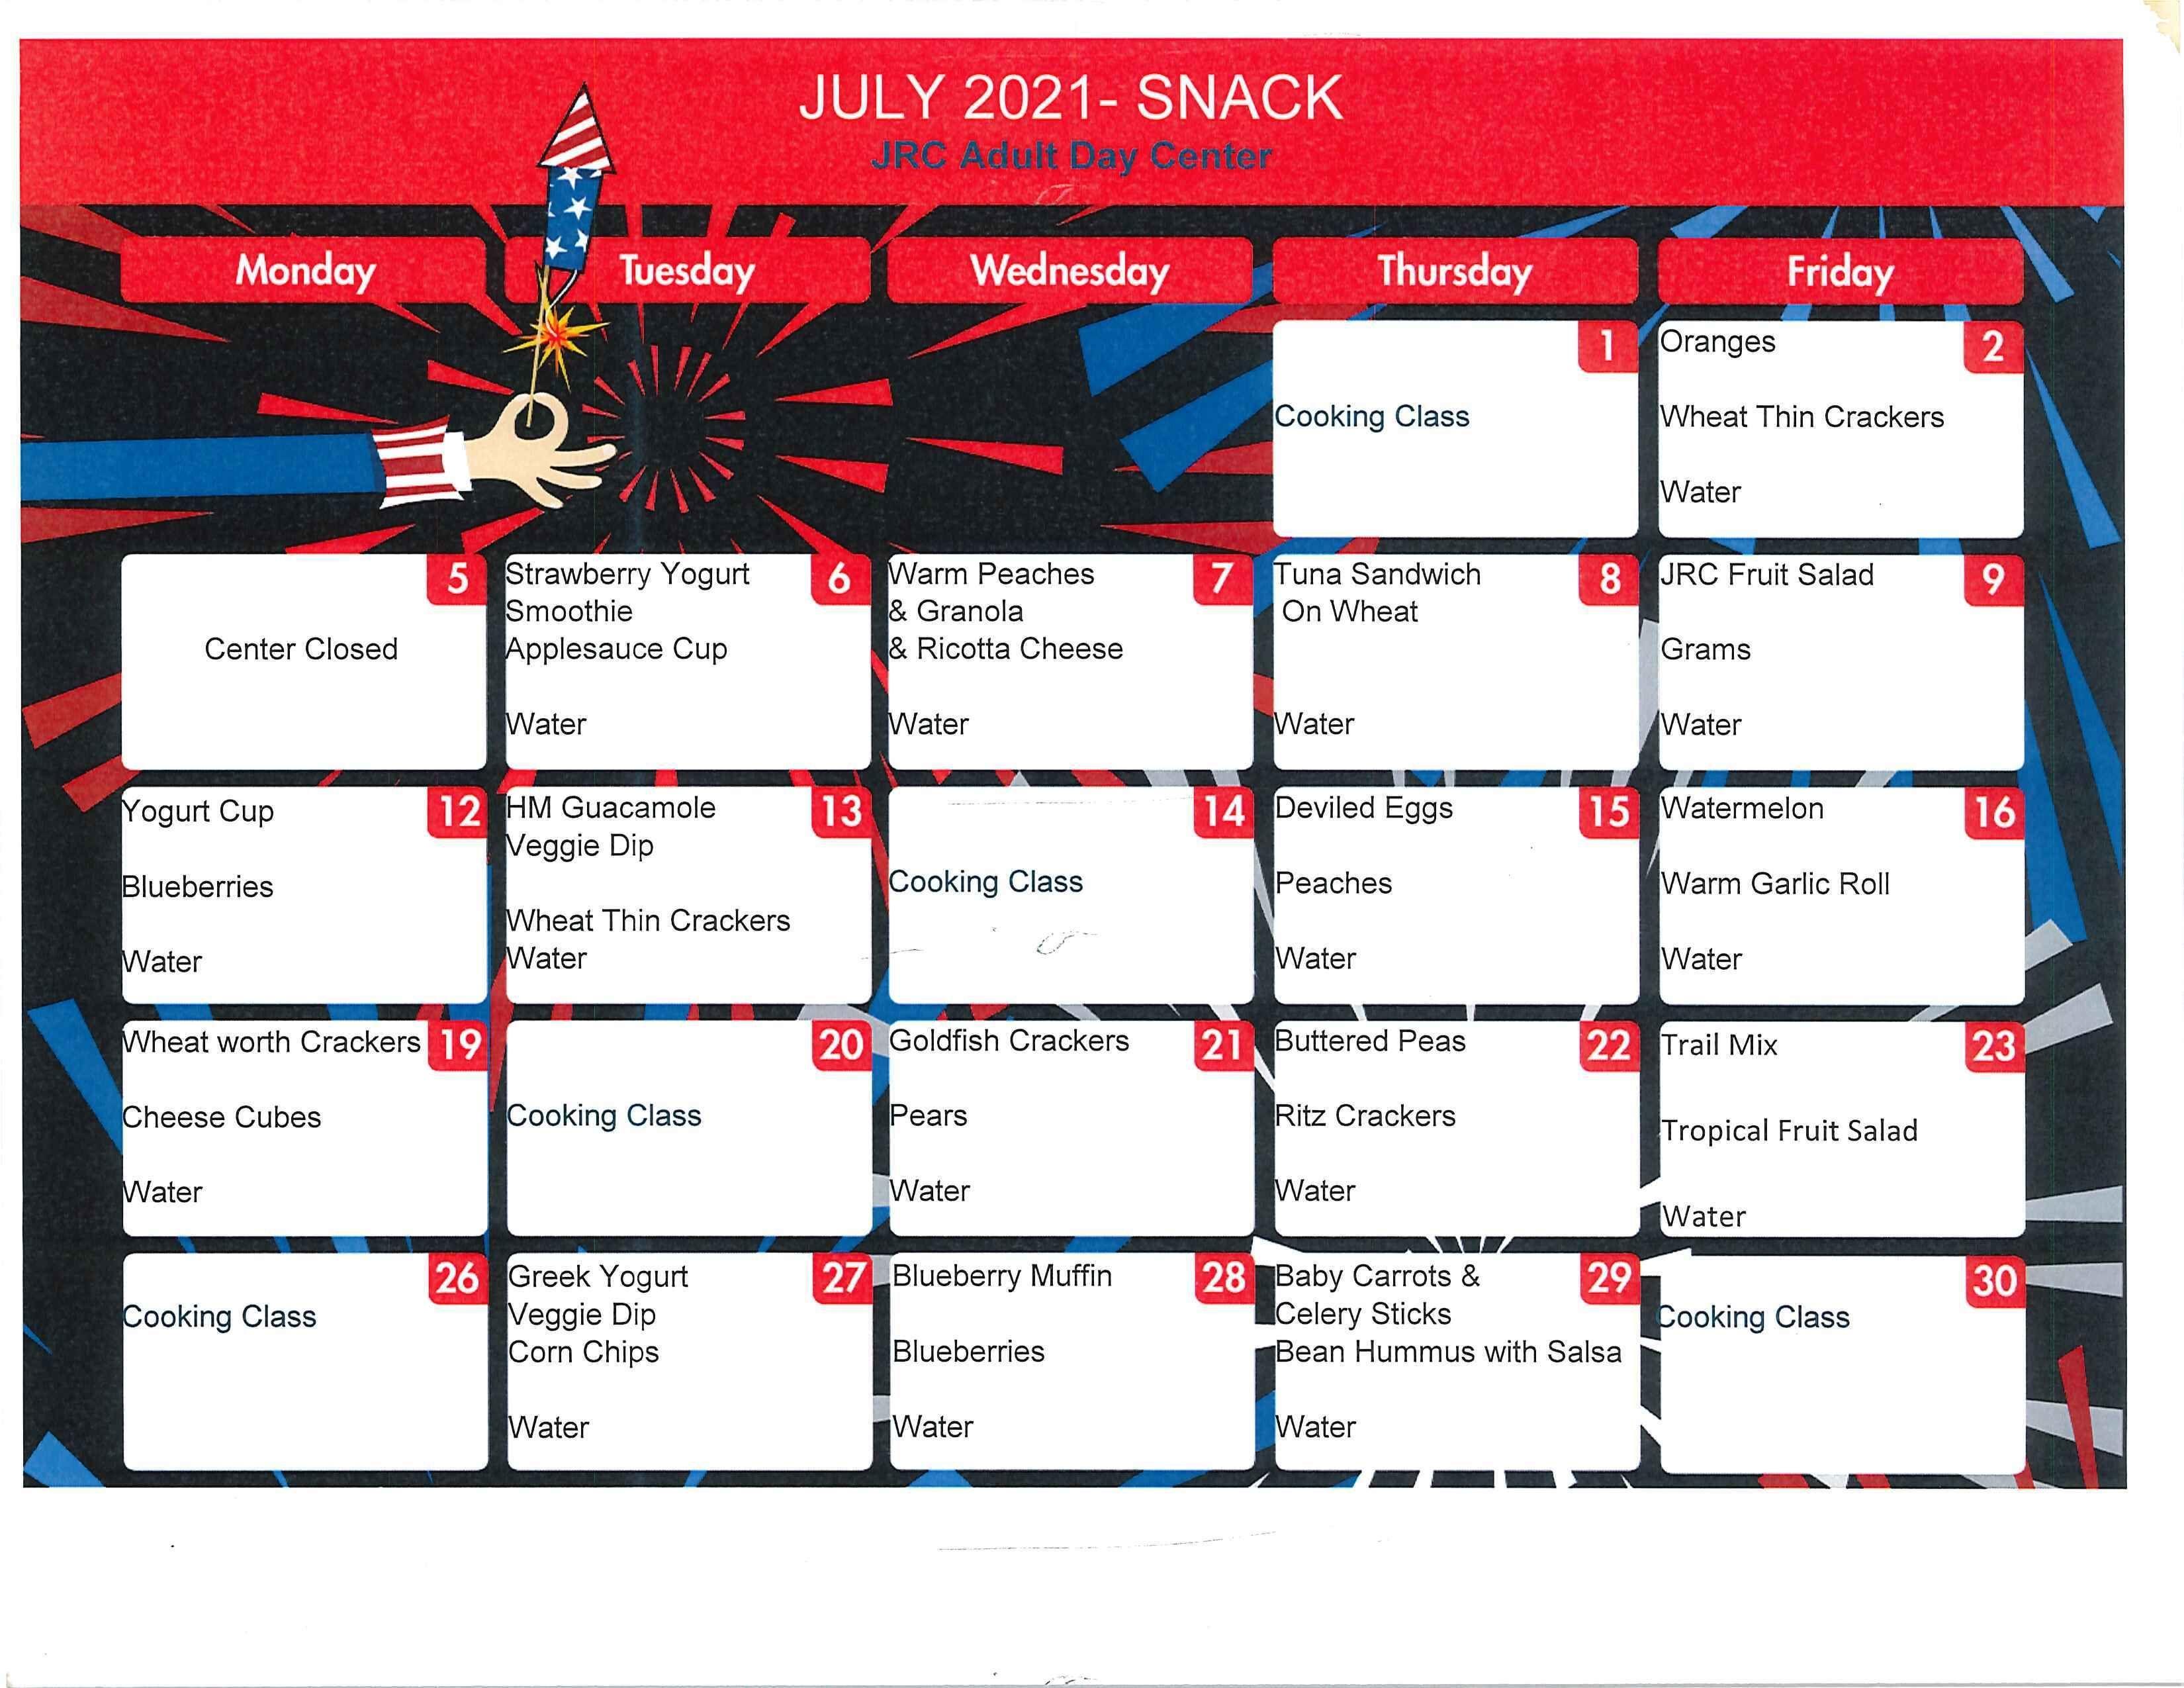 July Snack Menu